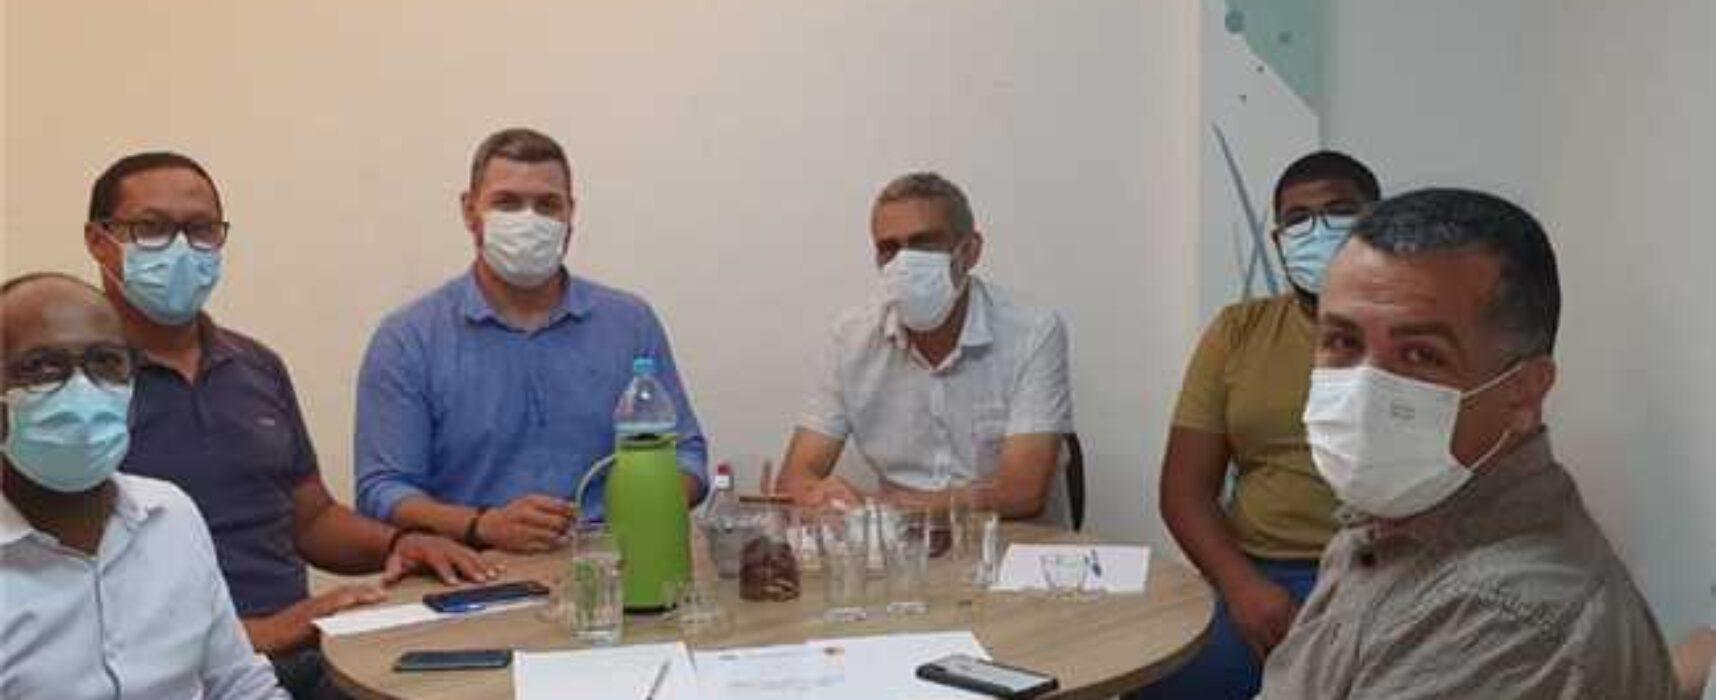 Ilhéus: Reunião na Maramata discute projetos sustentáveis para a Nova Brasília